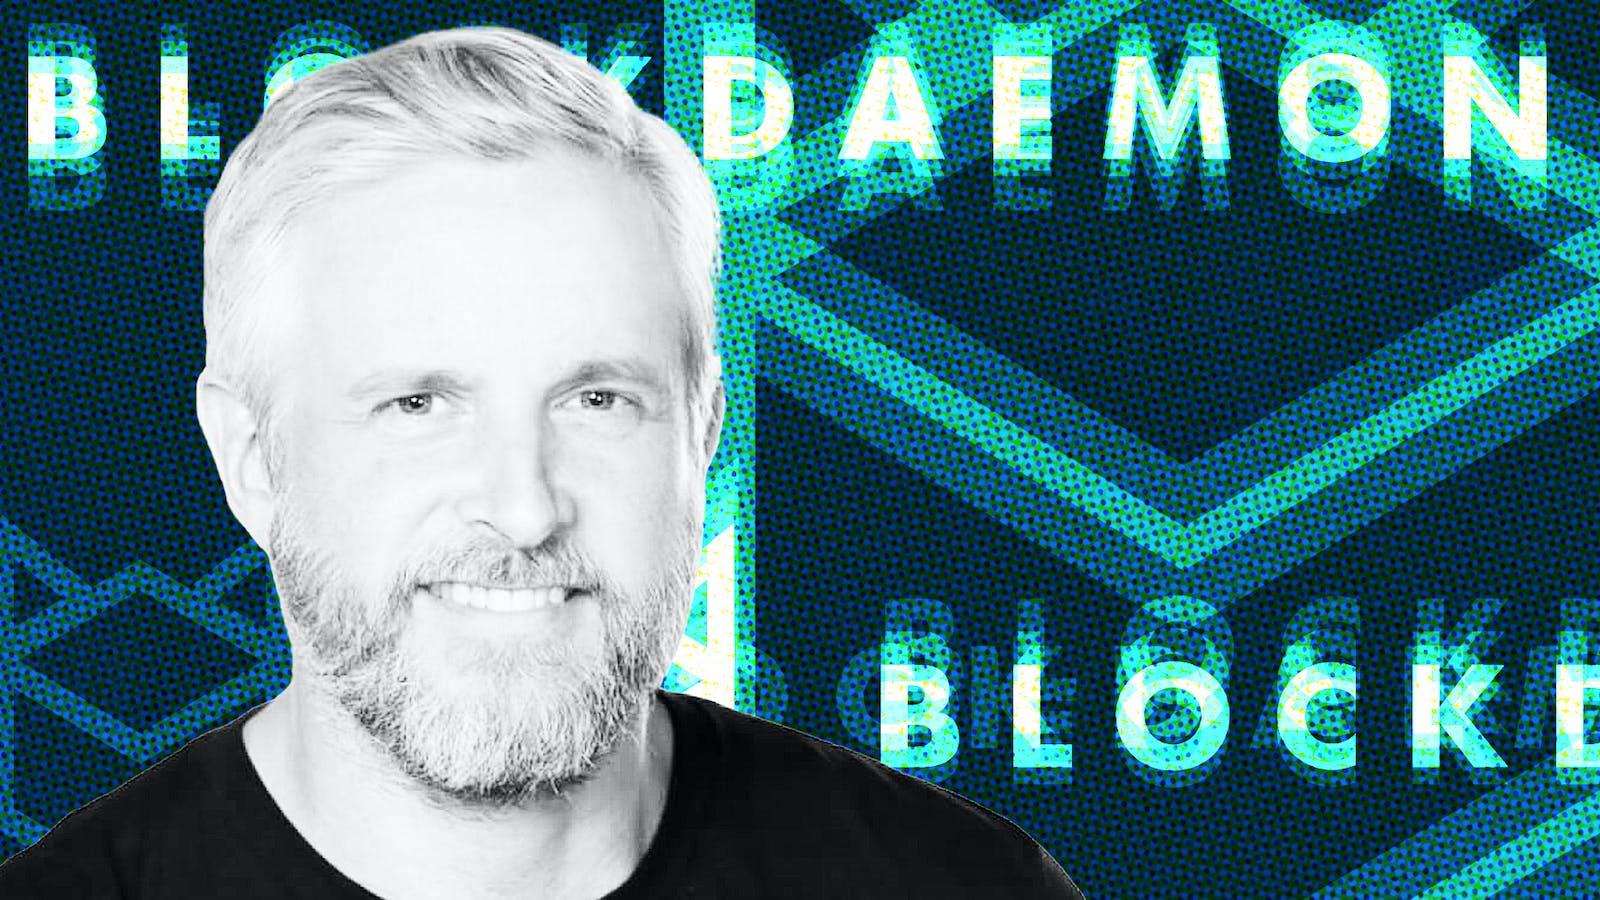 Konstantin Richter, CEO and Founder of Blockdaemon. Photo courtesy of Blockdaemon. Art by Mike Sullivan.